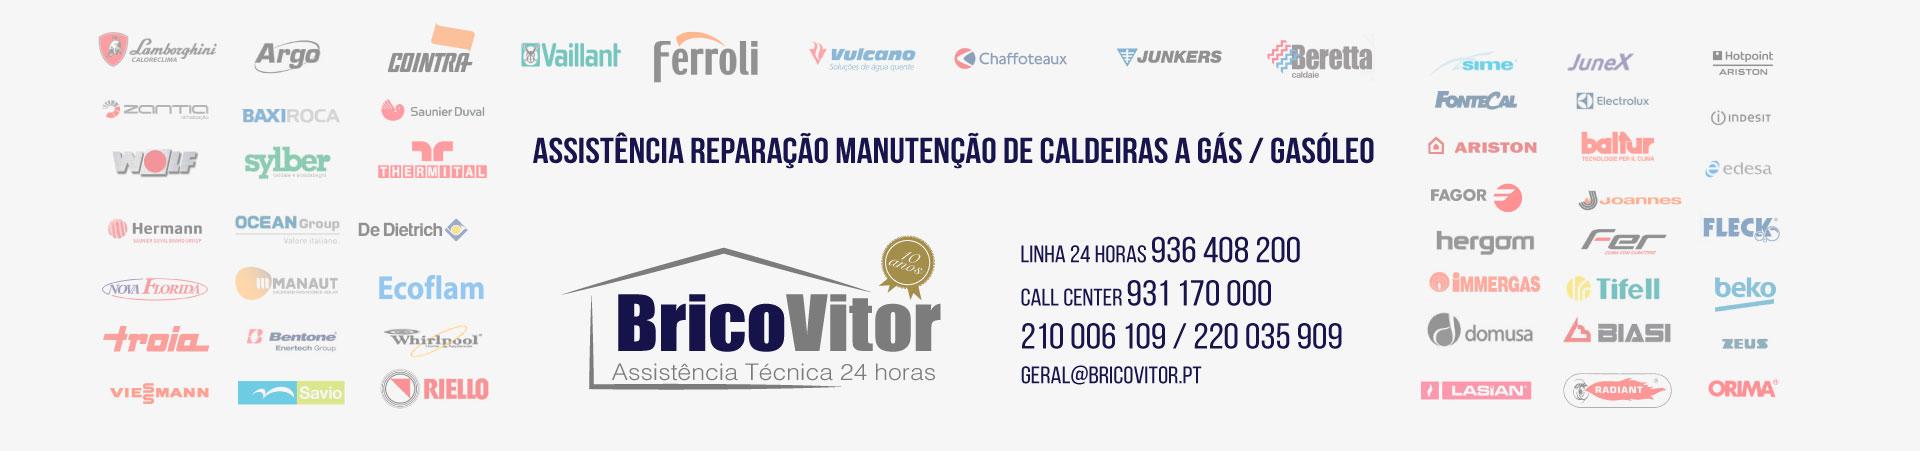 Assistência Caldeiras GASÓLEO Vila Nova de Famalicão, BricoVitor Assistência Tecnica 24 horas